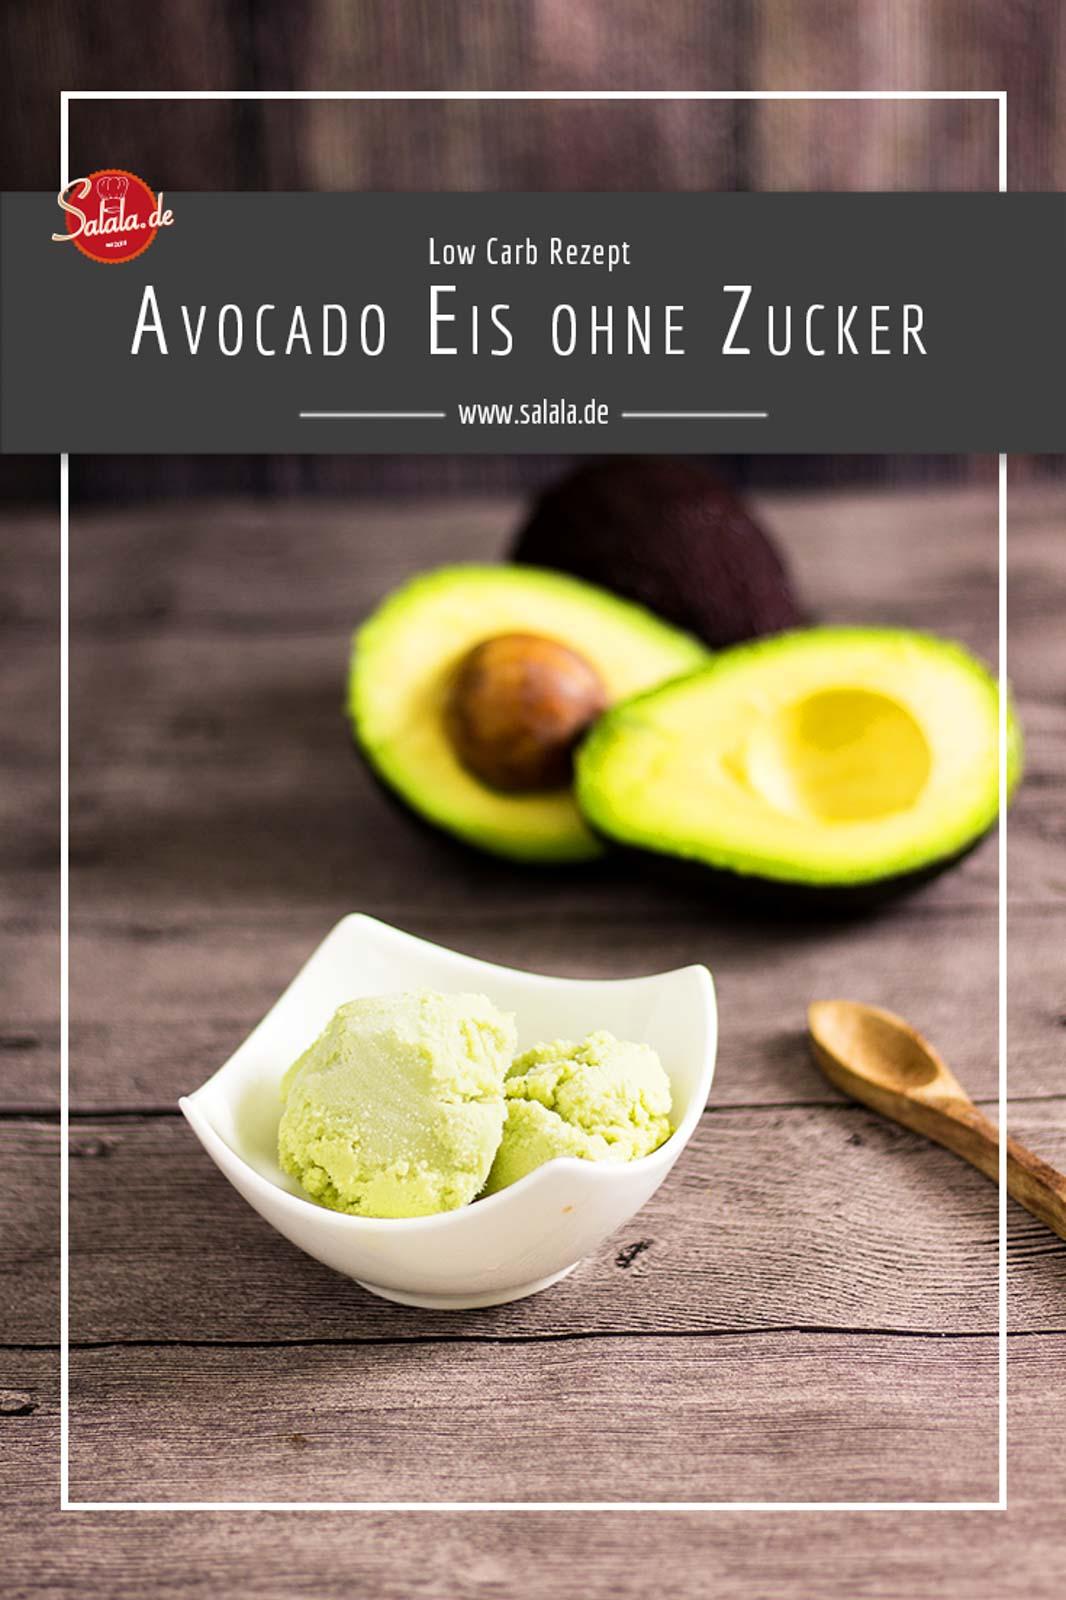 Cremiges Avocado Eis ohne Zucker - by salala.de - selber machen mit Eismaschine Ibywind YF700 Rezept #zuckerfrei #eis #lowcarb